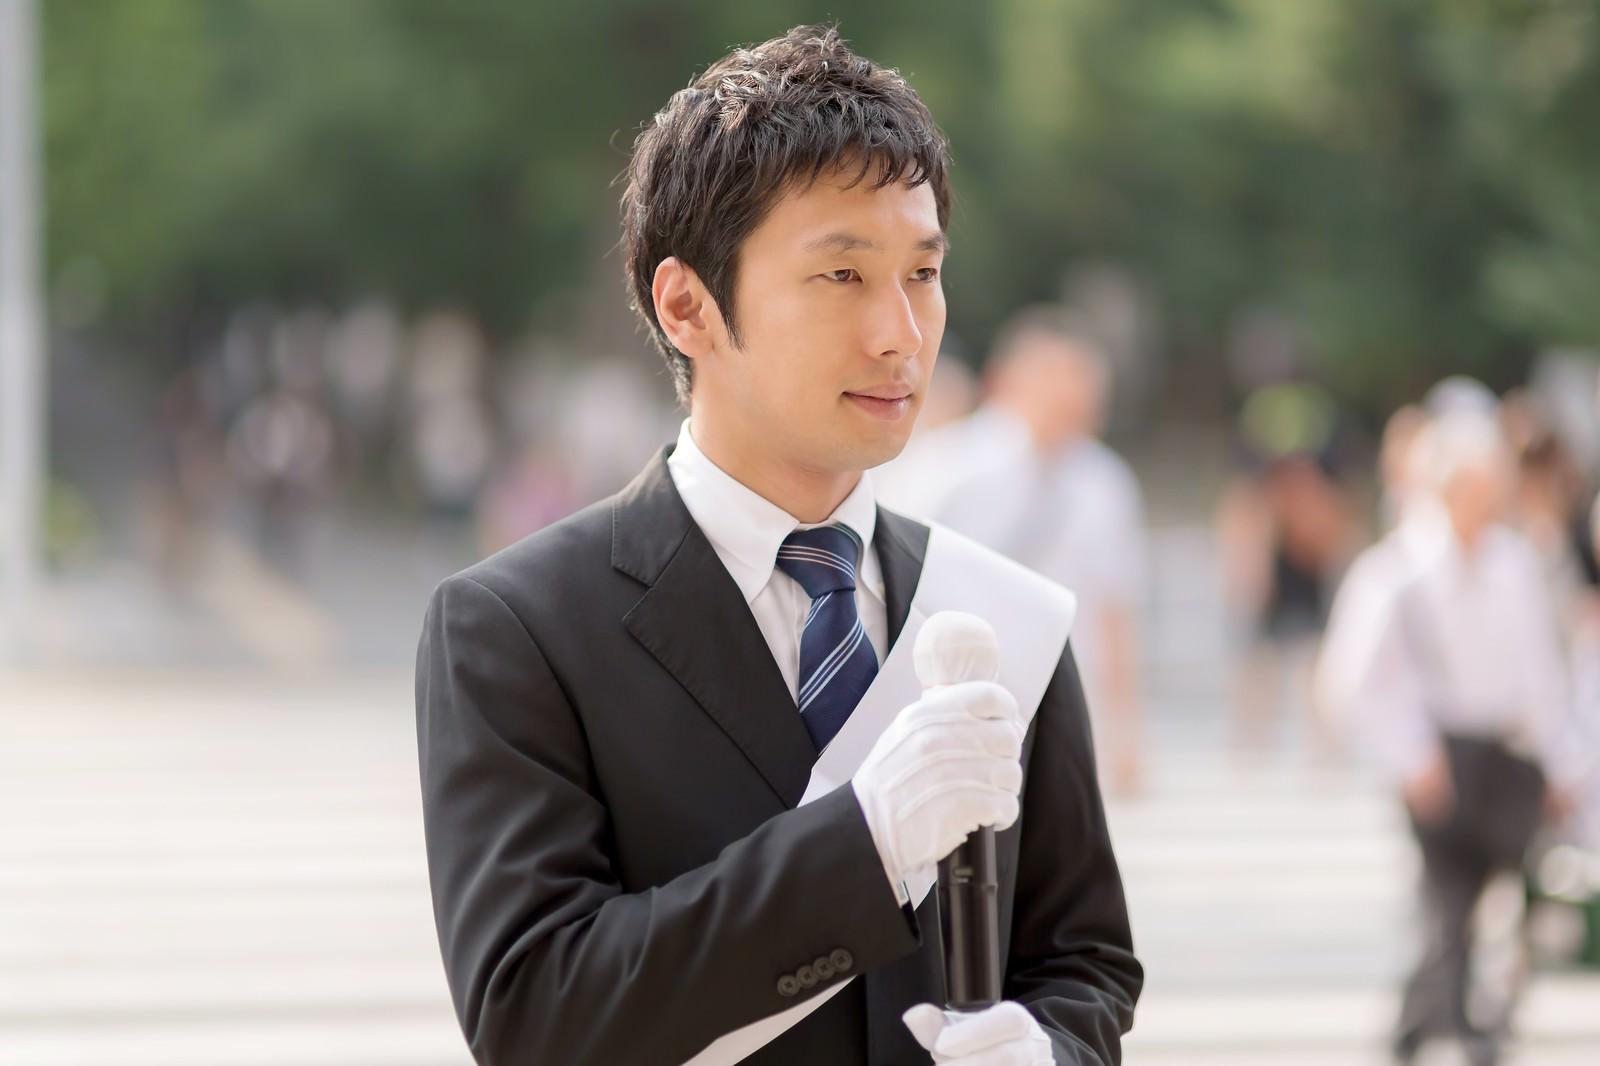 https://www.pakutaso.com/shared/img/thumb/OOK86_hitogominonakadesenkyokatudou_TP_V.jpg